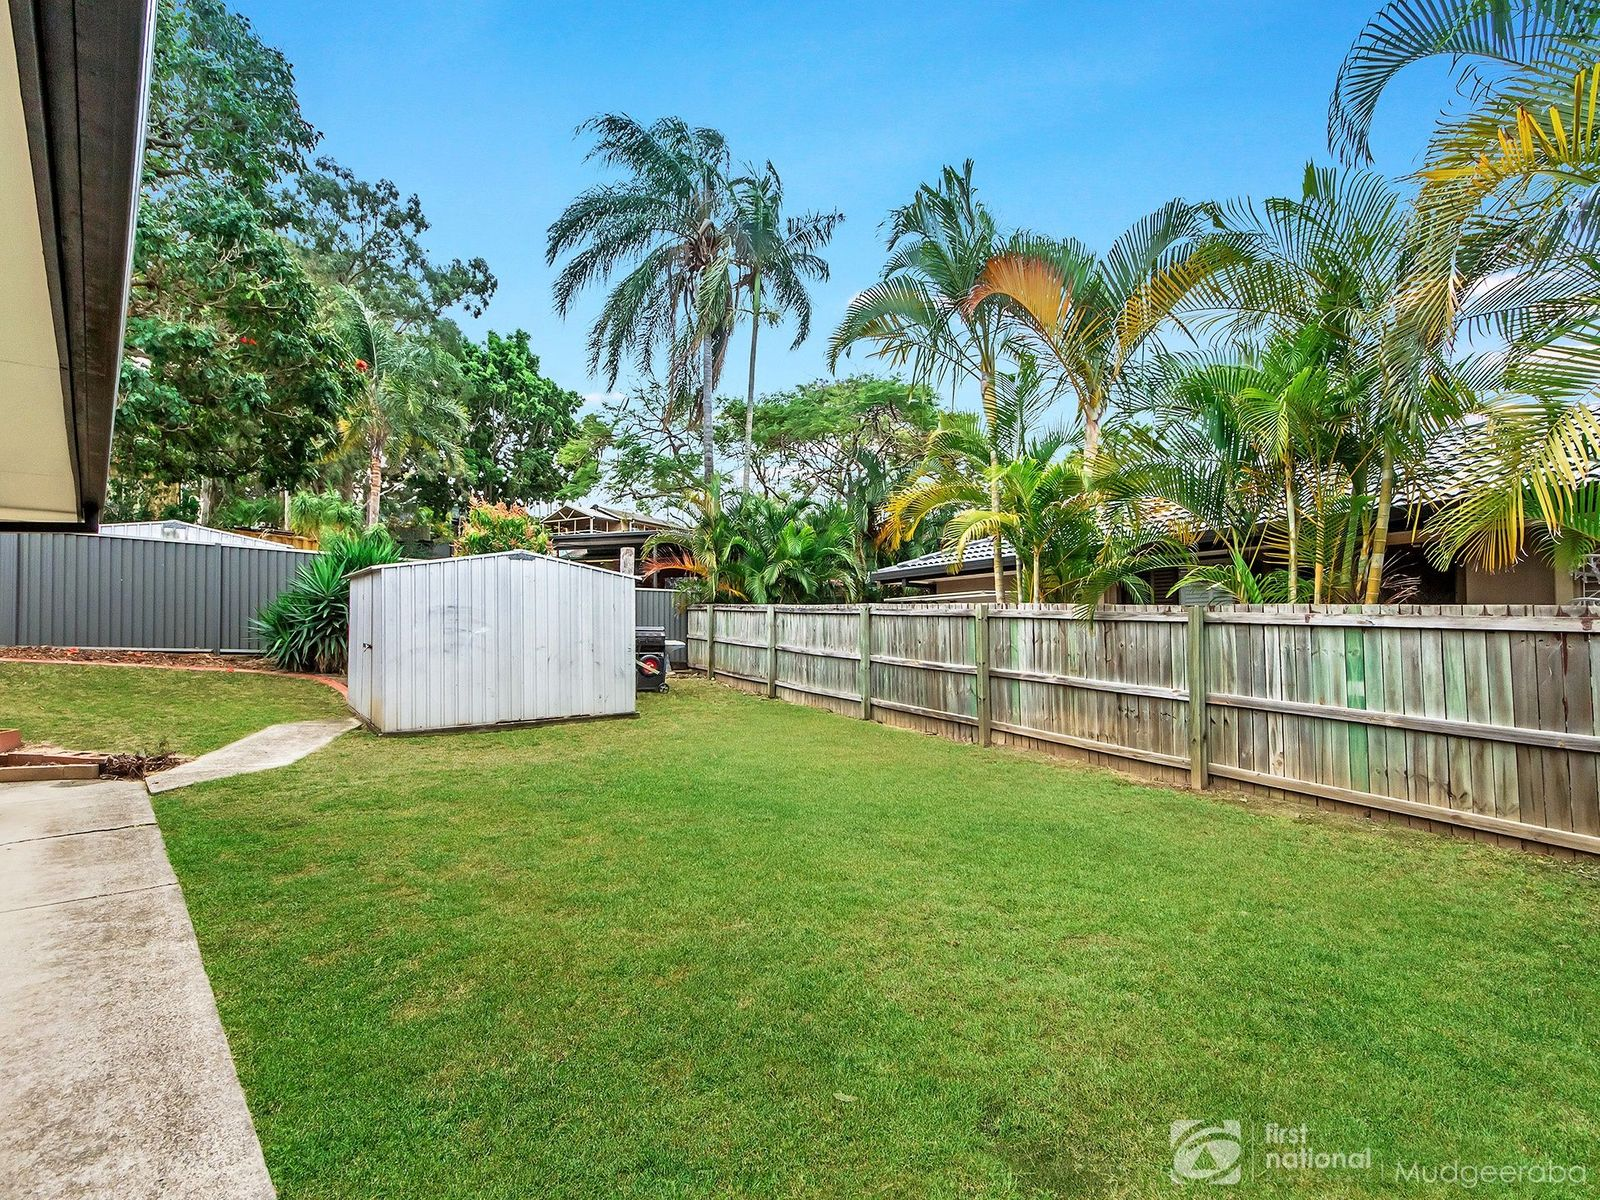 12 Acoma Terrace, Mudgeeraba, QLD 4213